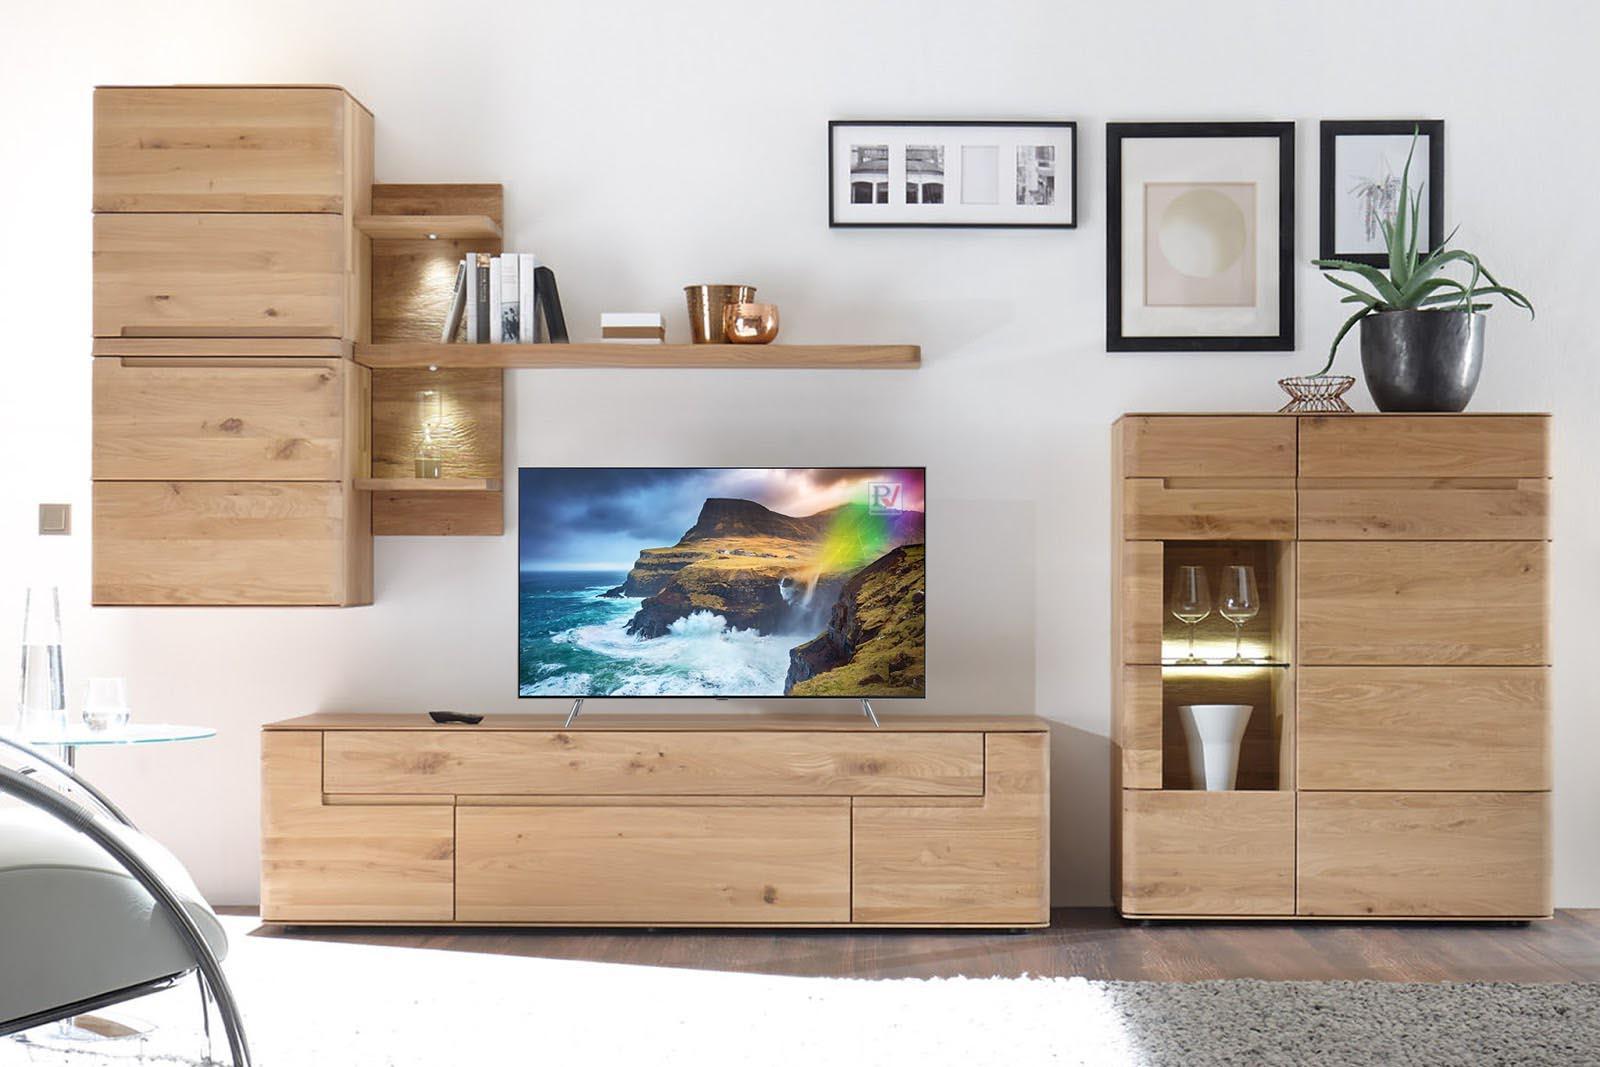 Smart Tivi Qled Samsung 4K 55 inch QA55Q75RAKXXV với thiết kế đẹp mắt sang trọng